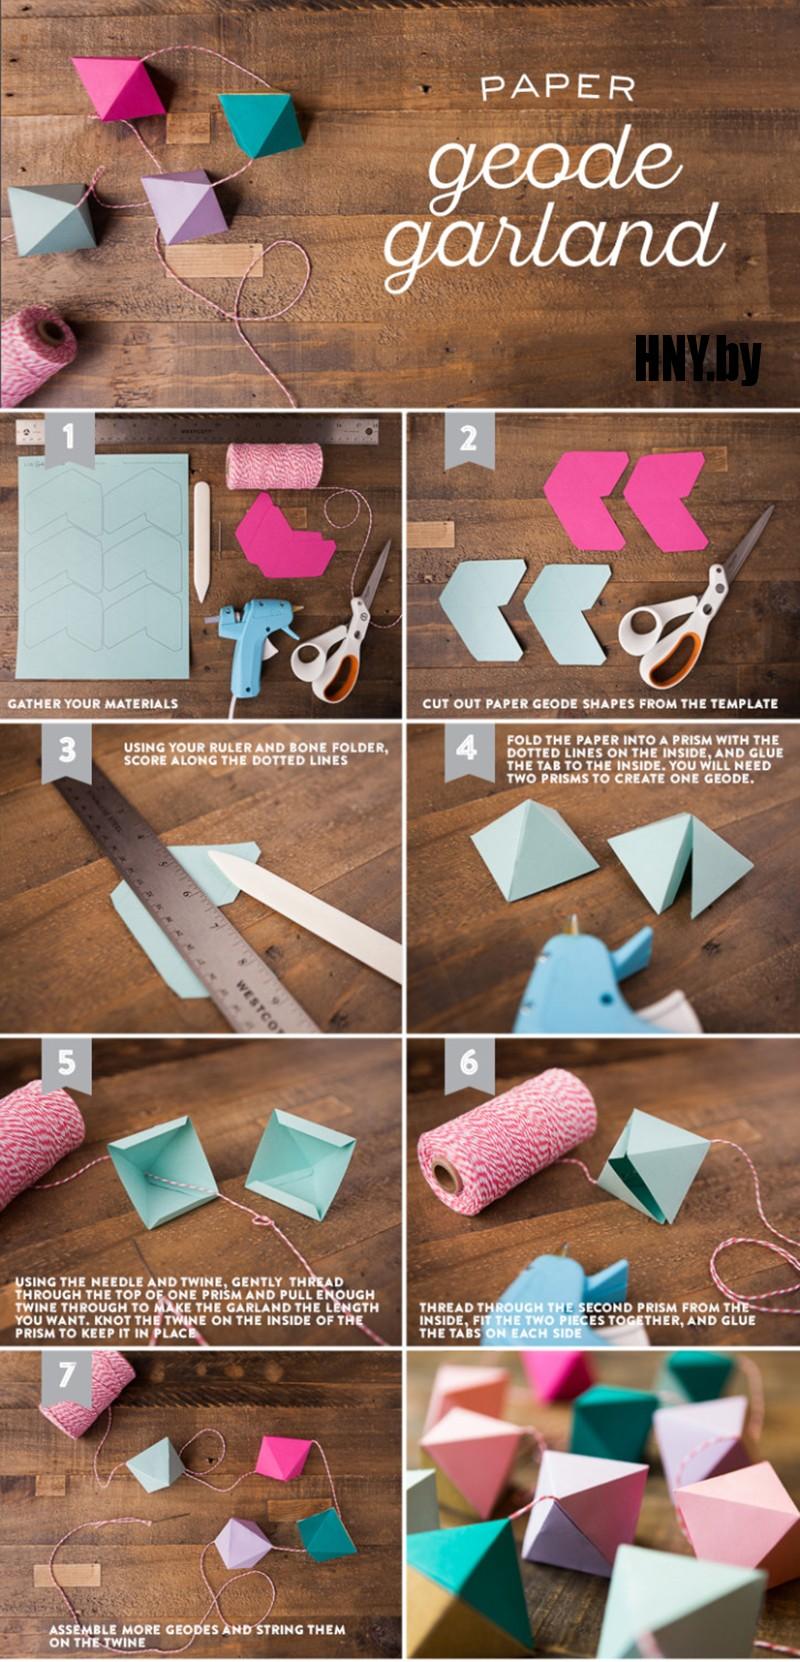 Новогодняя гирлянда оригами своими руками пошагово